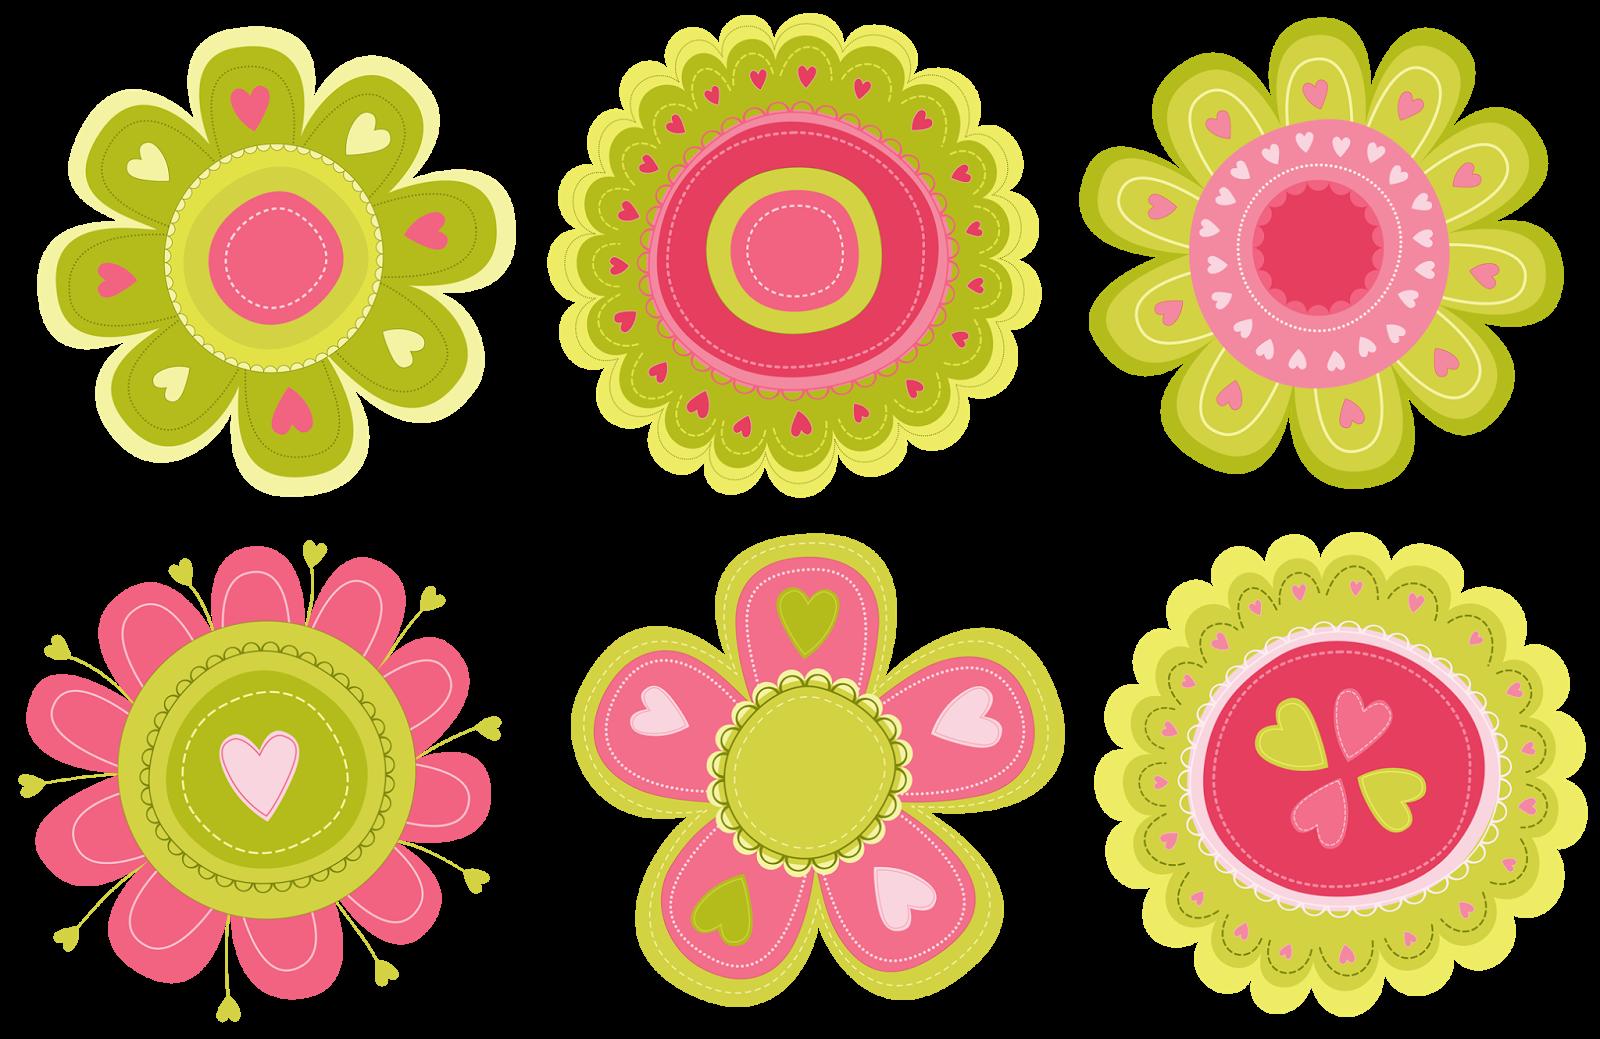 Цветочки для открытки шаблоны